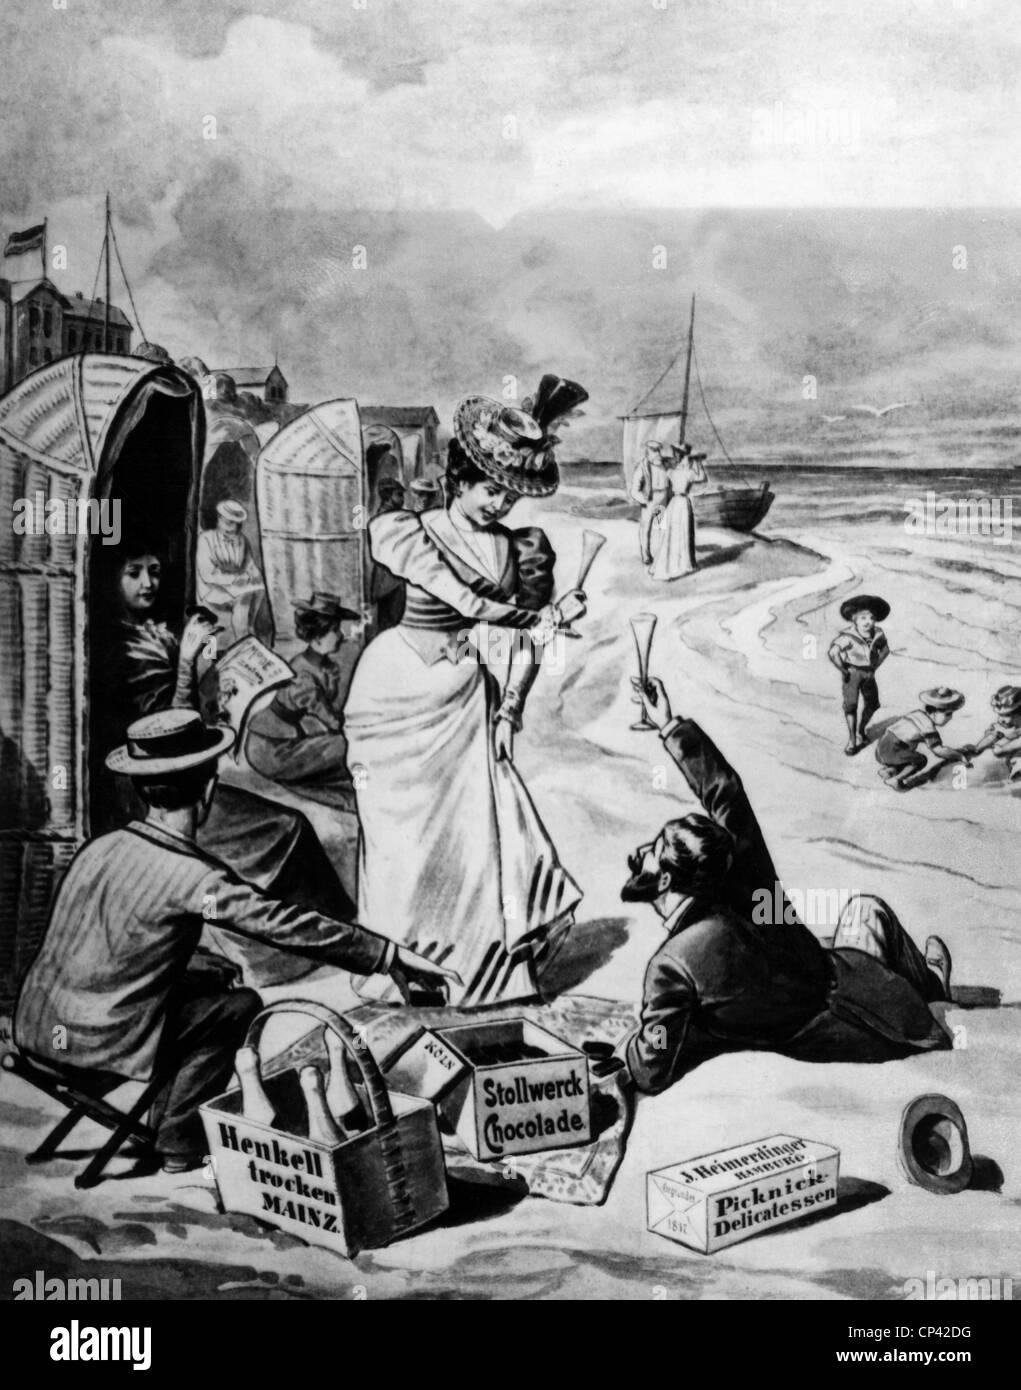 Bañarse, ciudad balnearia, fiesta en la playa, el grabado en madera por R. Sperl, Alemania, 1899-Clearences Imagen De Stock